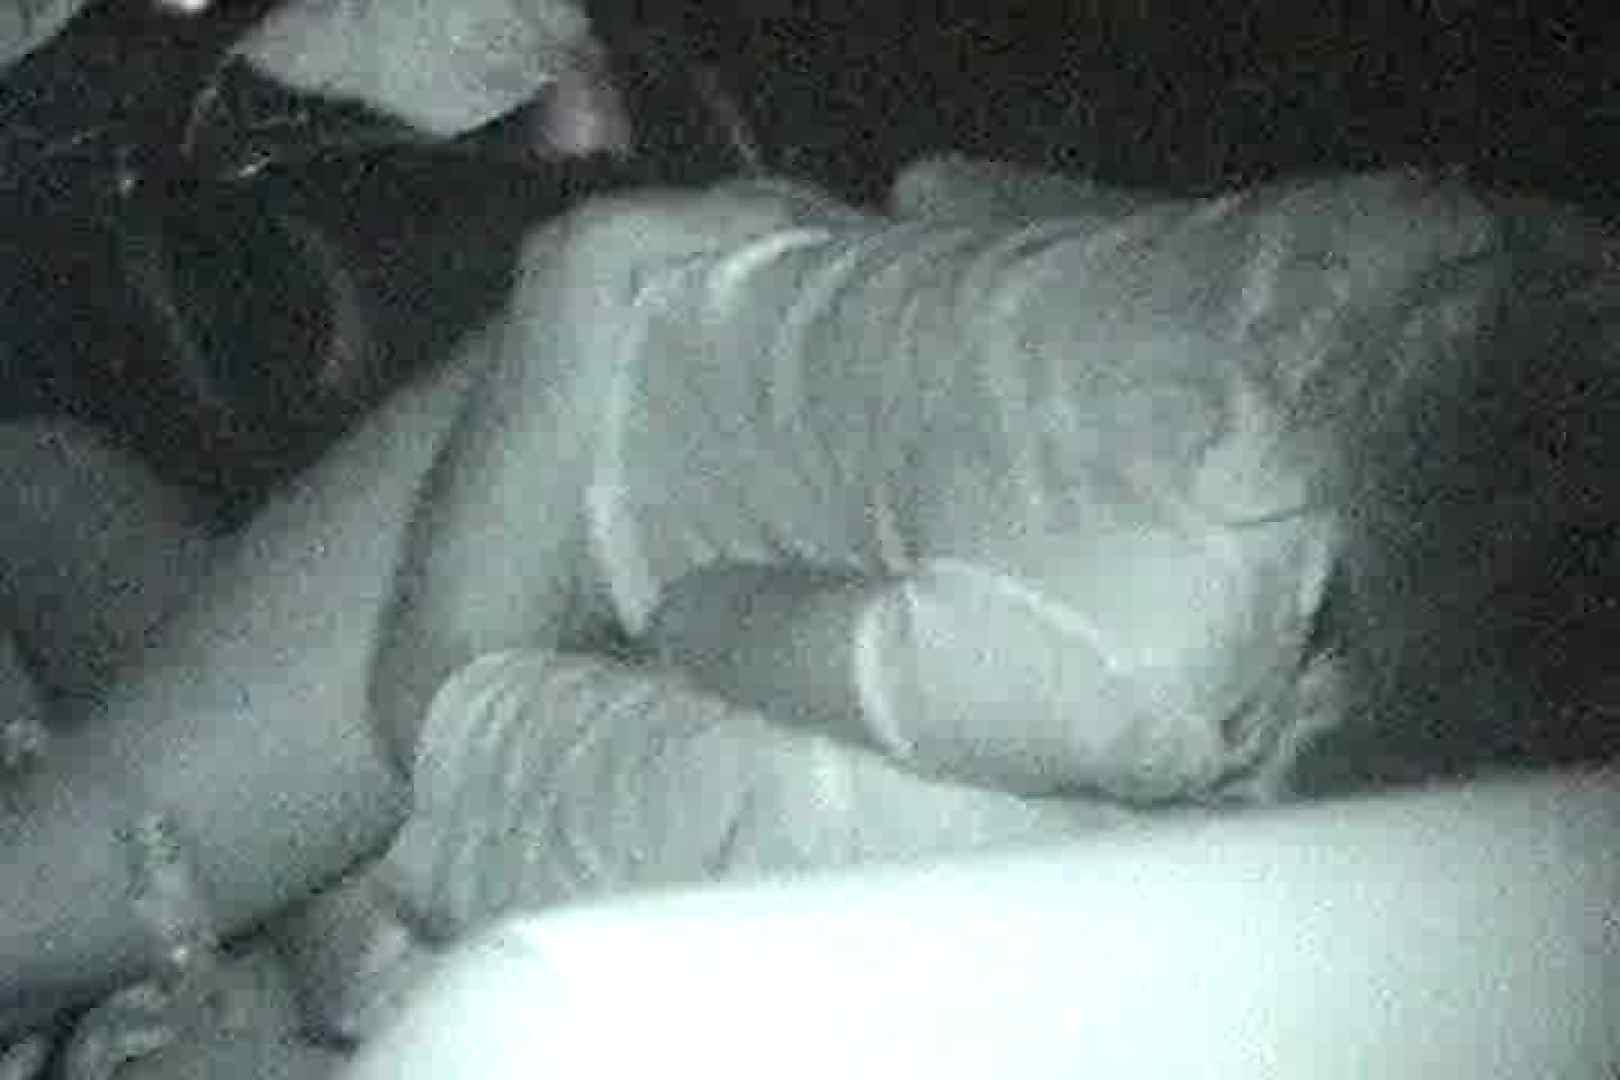 充血監督の深夜の運動会Vol.21 カップル オメコ無修正動画無料 95pic 53